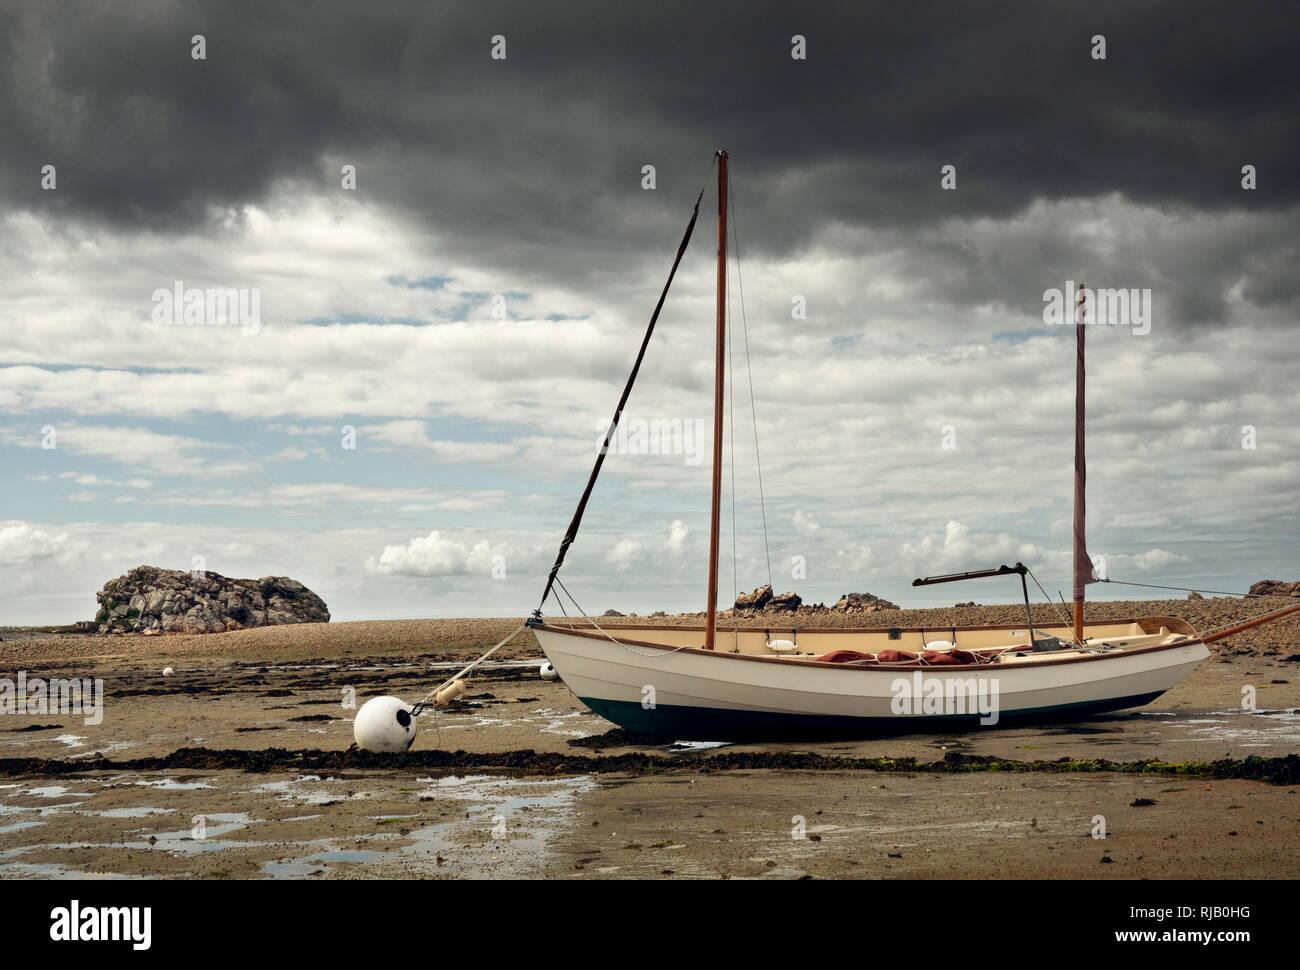 Durch die Ebbe trocken gelegtes Segelboot in der Bretagne - Stock Image